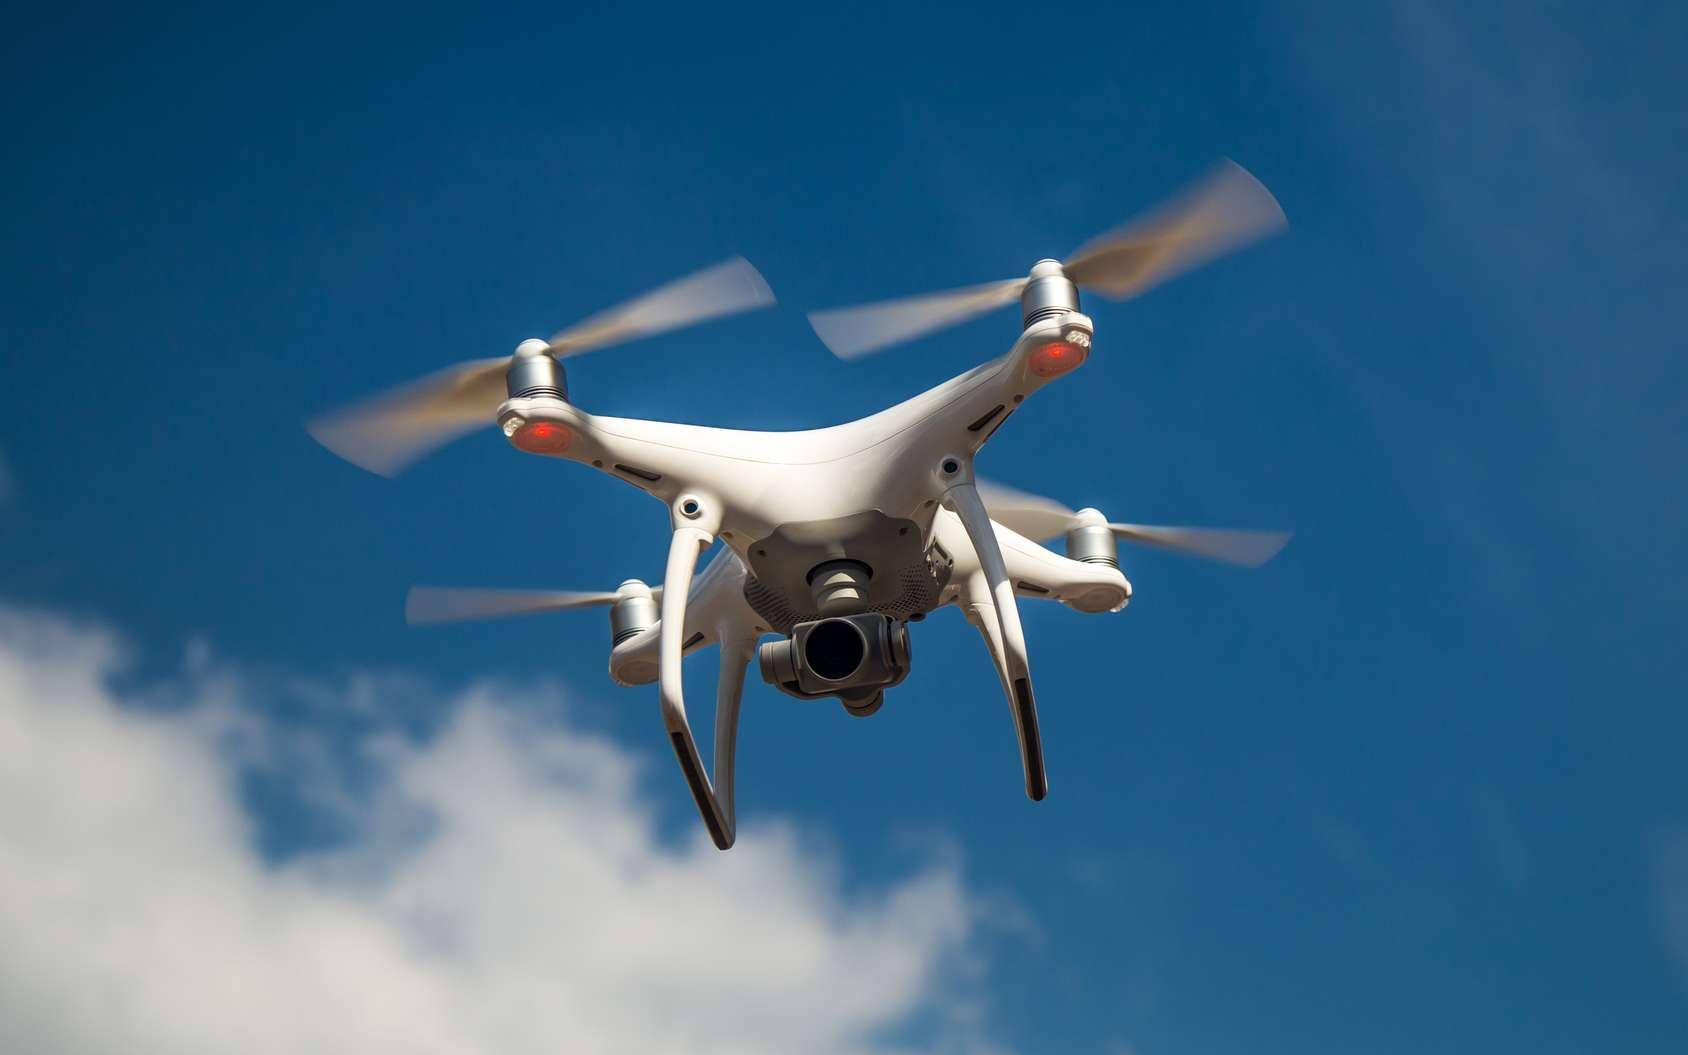 La Darpa a testé en grandeur nature sur un faux « village de guerre » une armée de 250 drones terrestres et aériens pour sécuriser l'avancée de l'infanterie en milieu urbain. © Bukhta79, Fotolia